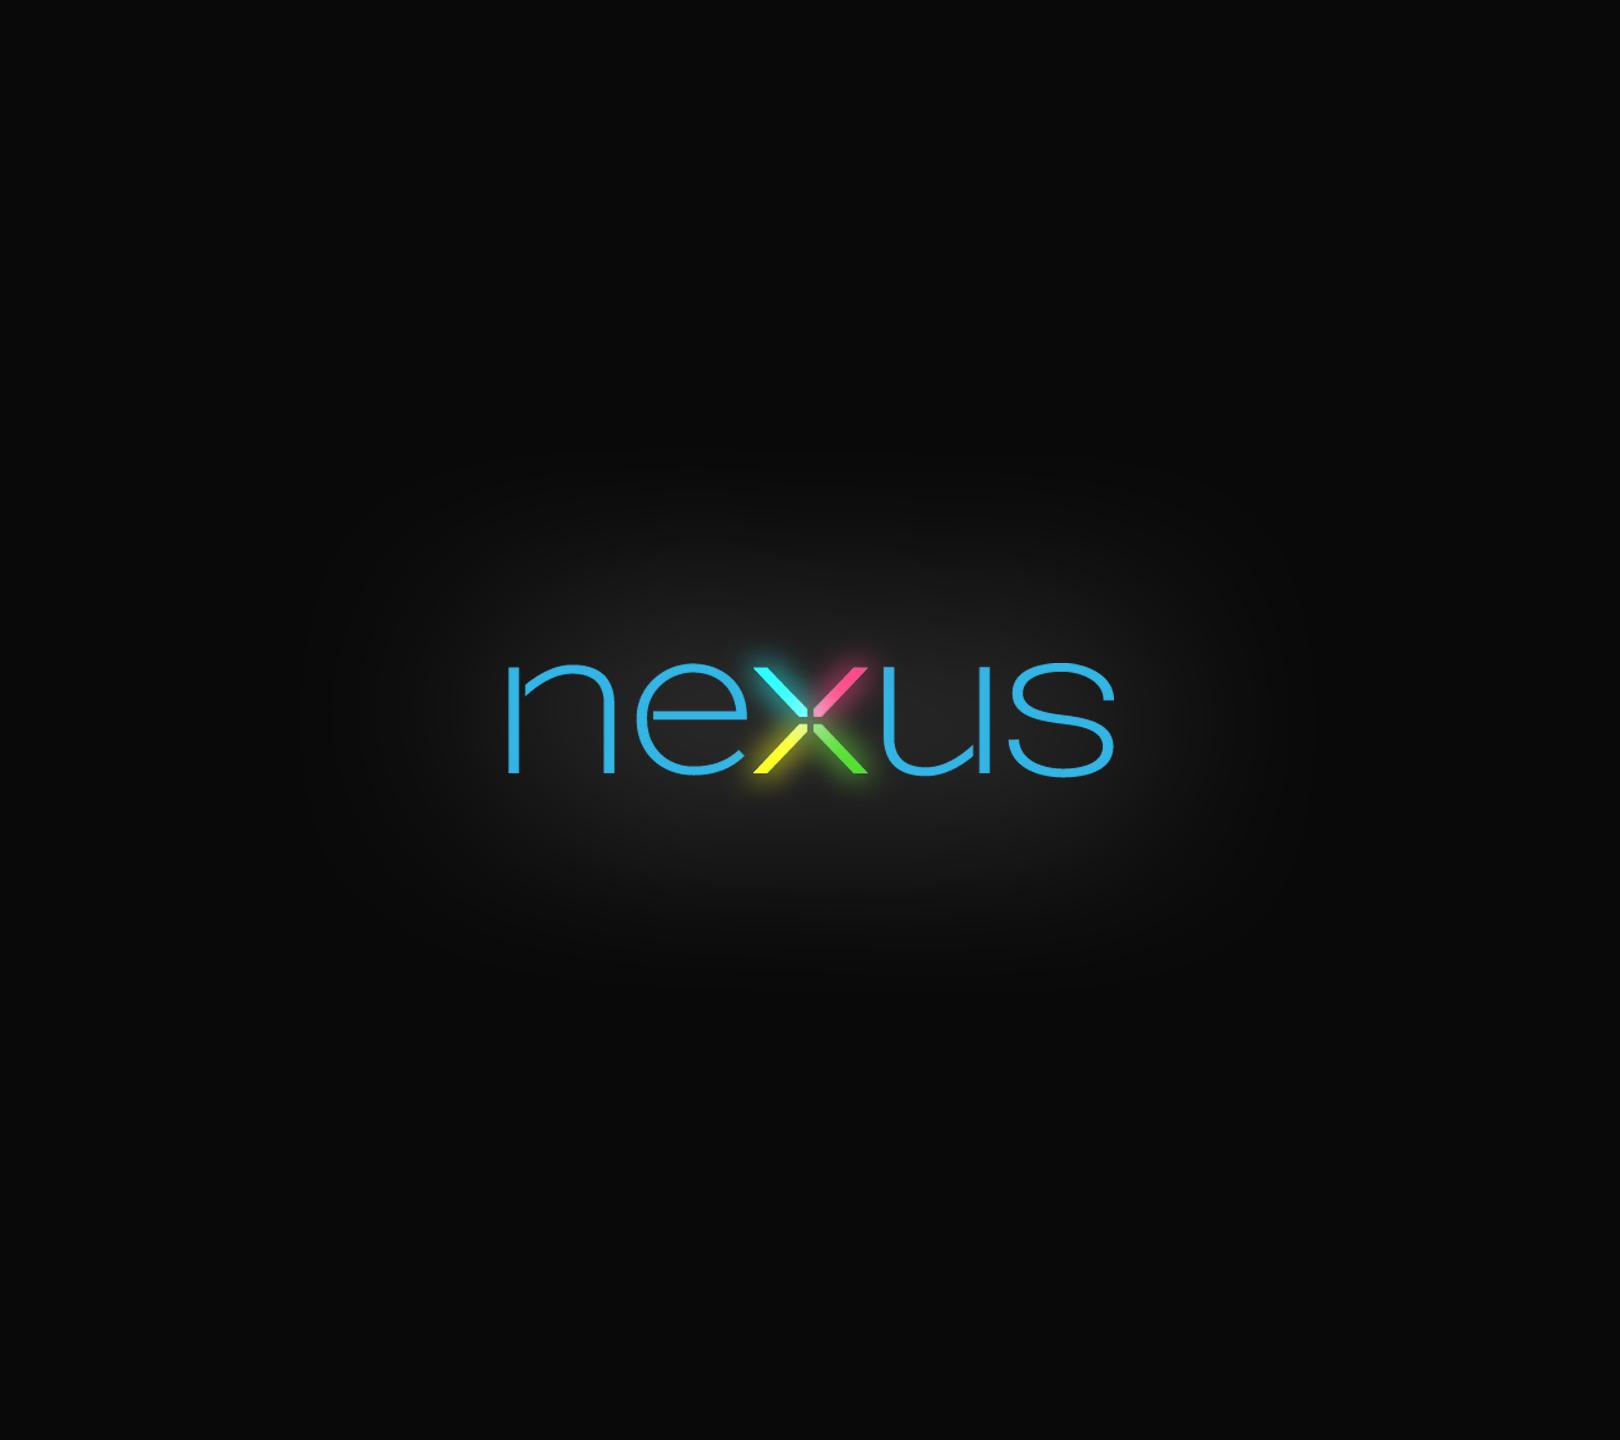 73 Nexus Desktop Backgrounds On Wallpapersafari